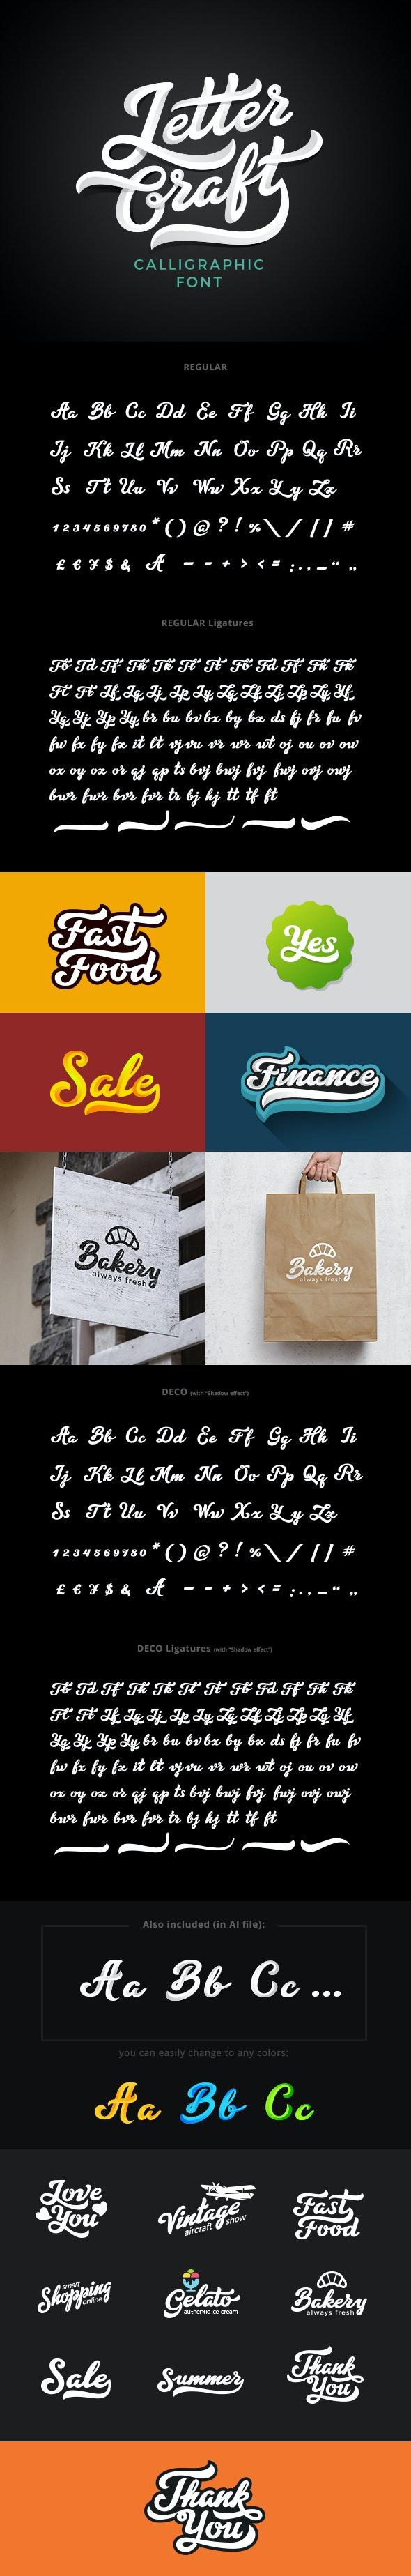 دانلود فونت انگلیسی تایپوگرافی Letter Craft Font